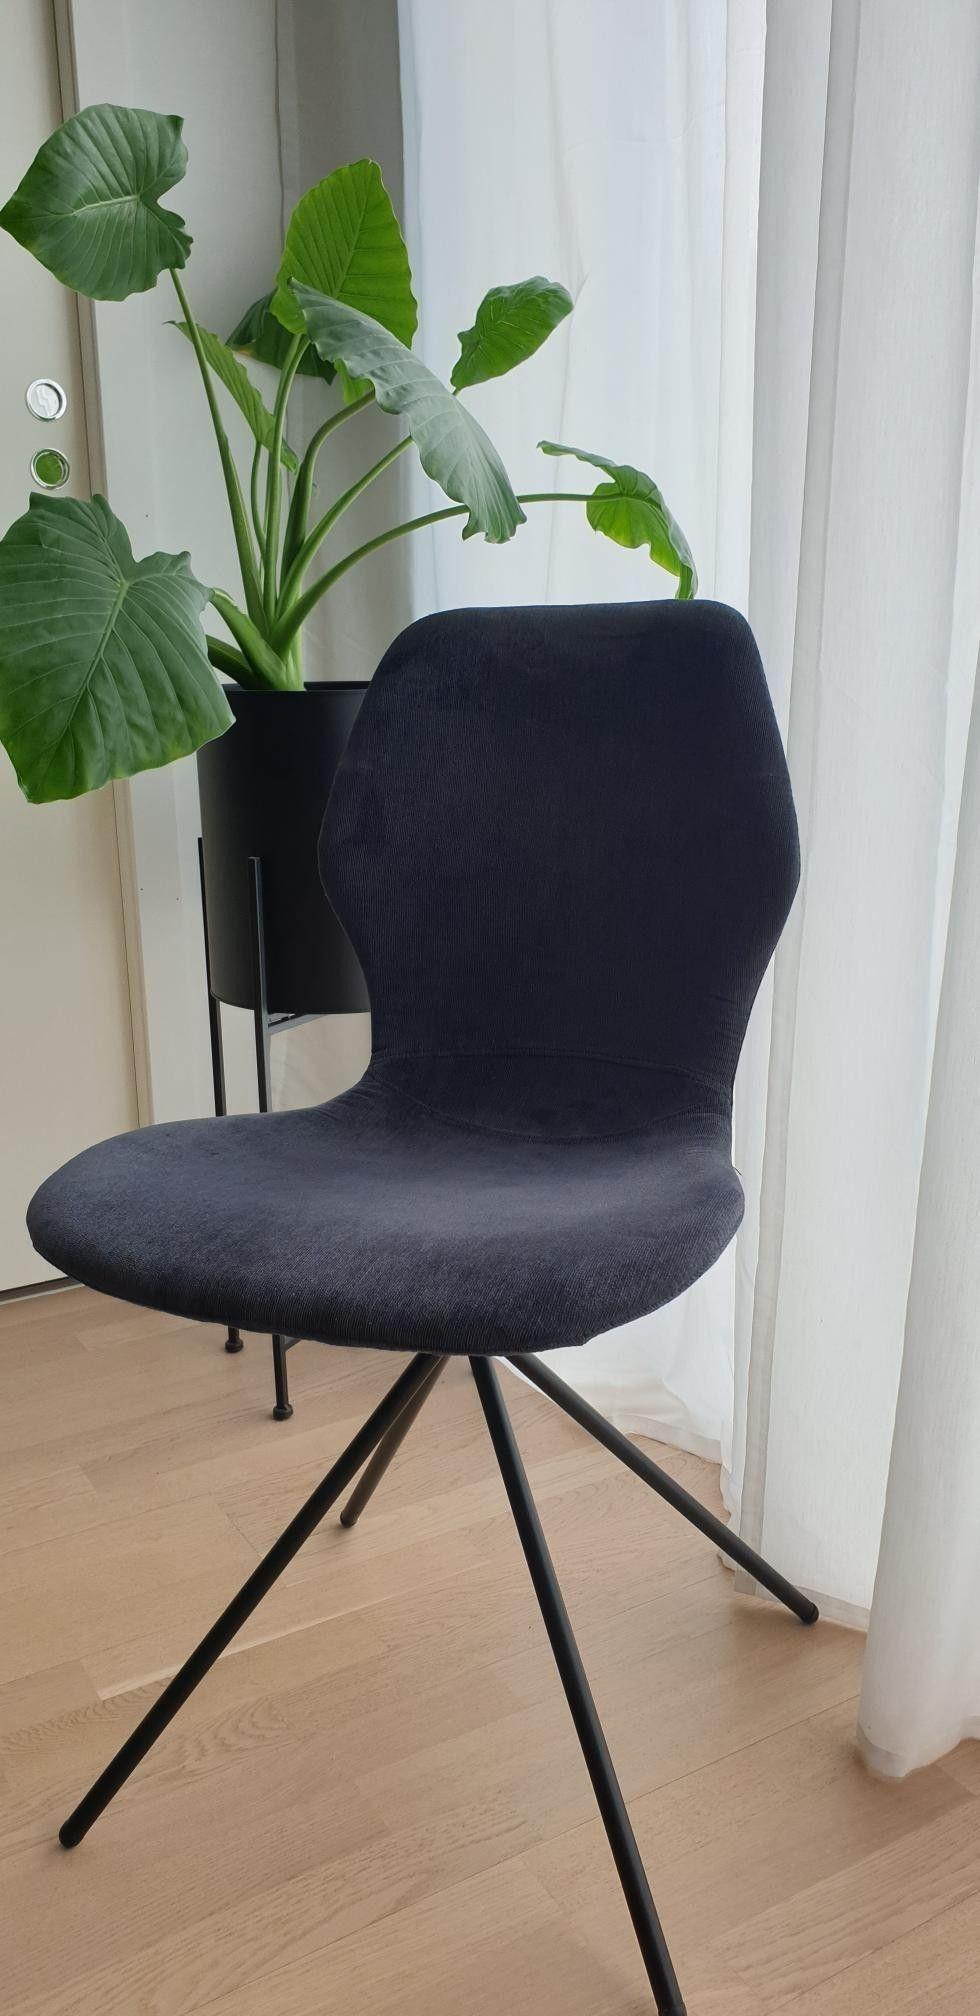 Mørkeblå spisestoler, sorte ben | FINN.no